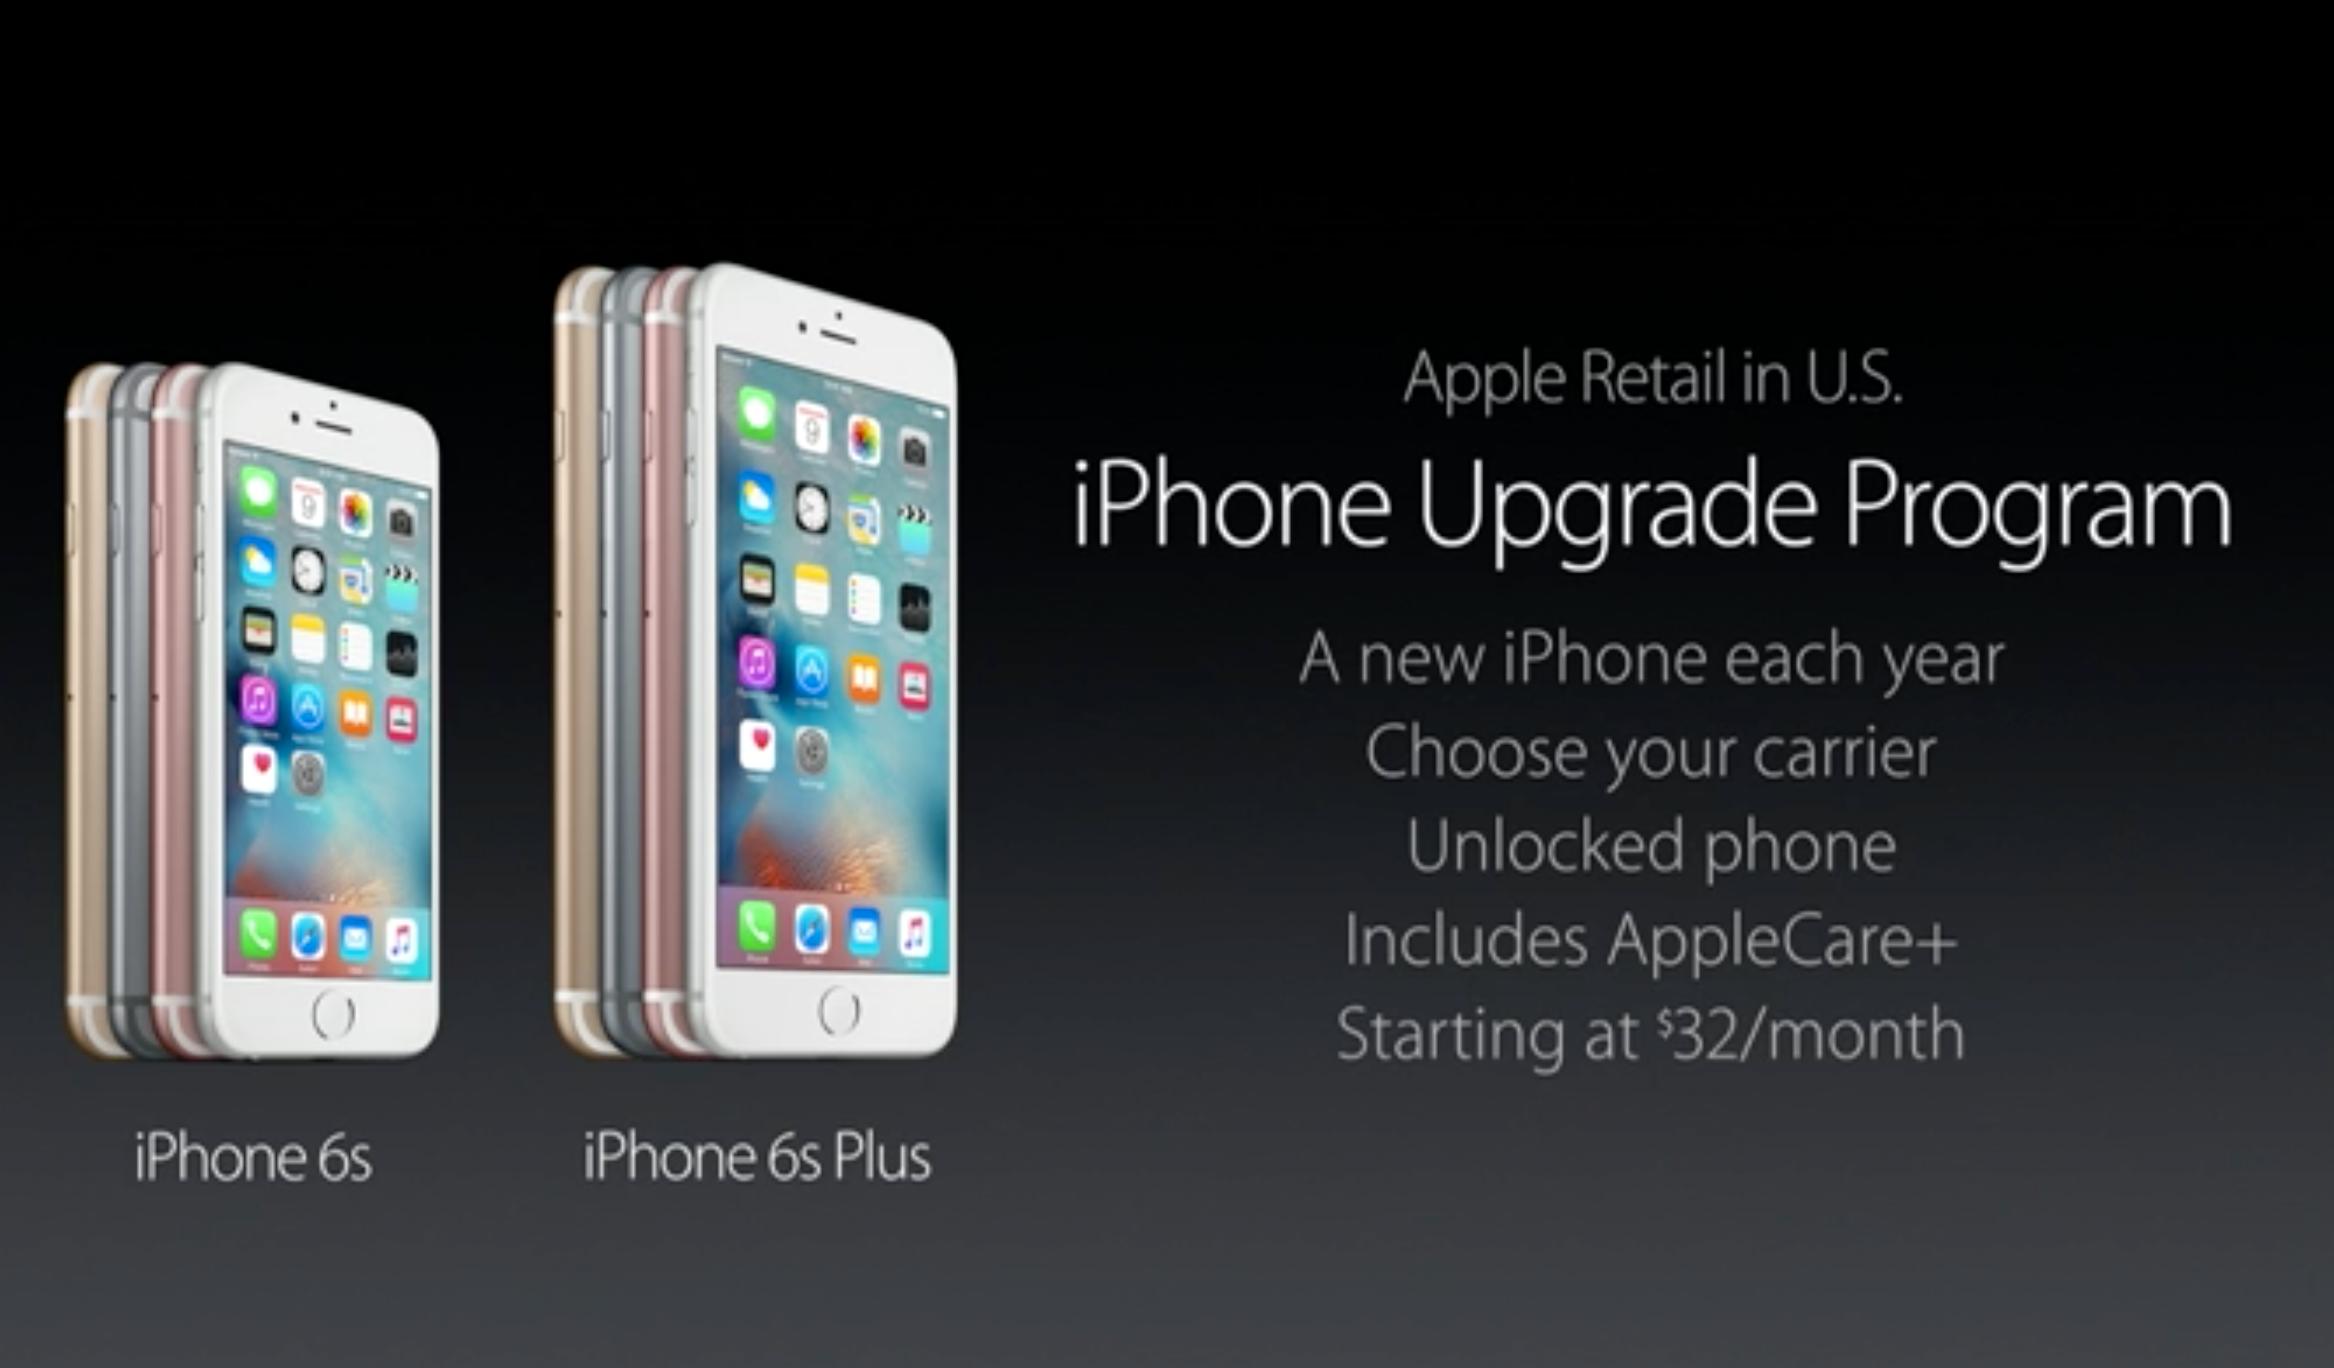 Amerikanerne får en slags abonnements-tjeneste på iPhoner, slik at de alltid får den nyeste modellen for en fast månedspris.